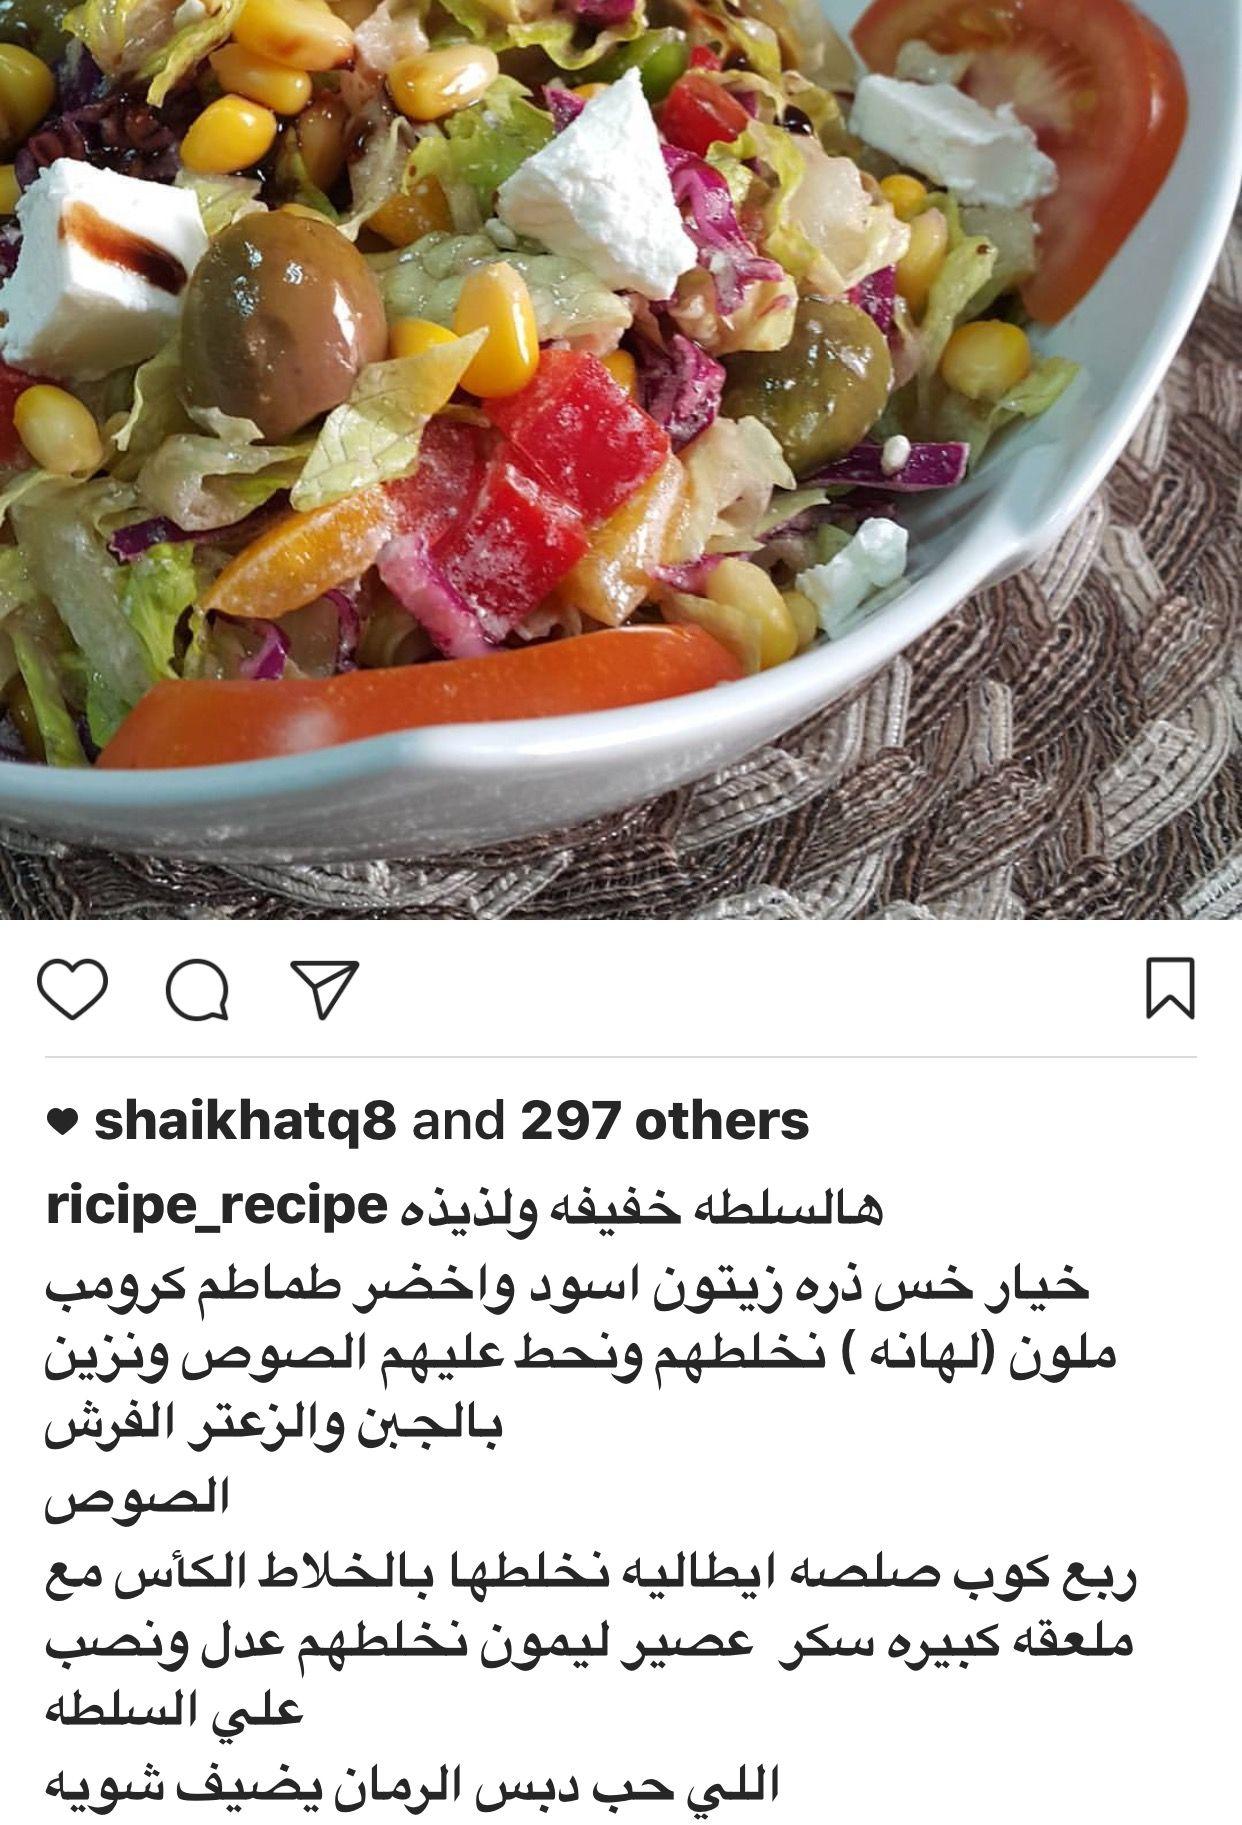 سلطة خضار وجبن Recipes Healthy Meals